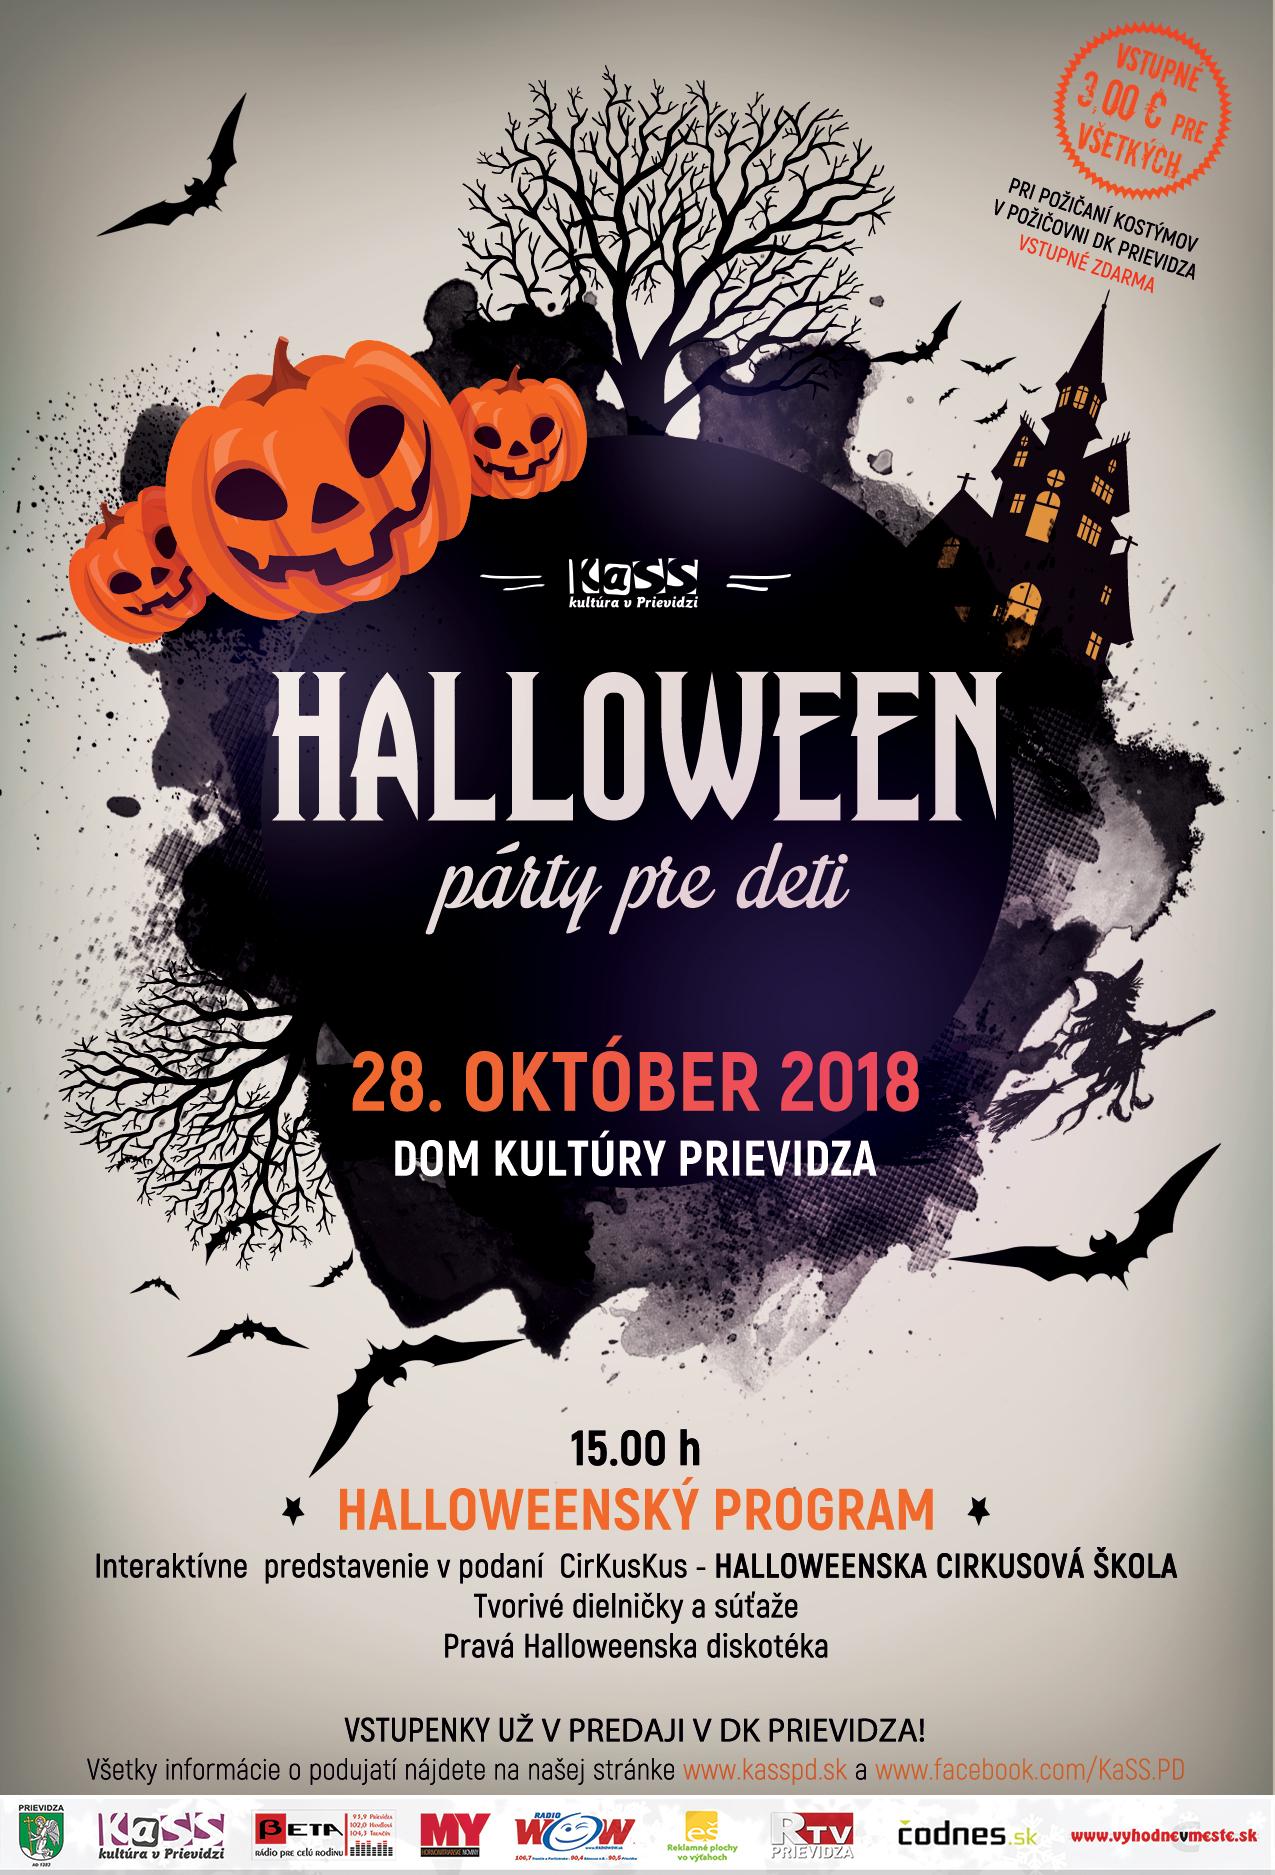 Halloweenska párty pre deti